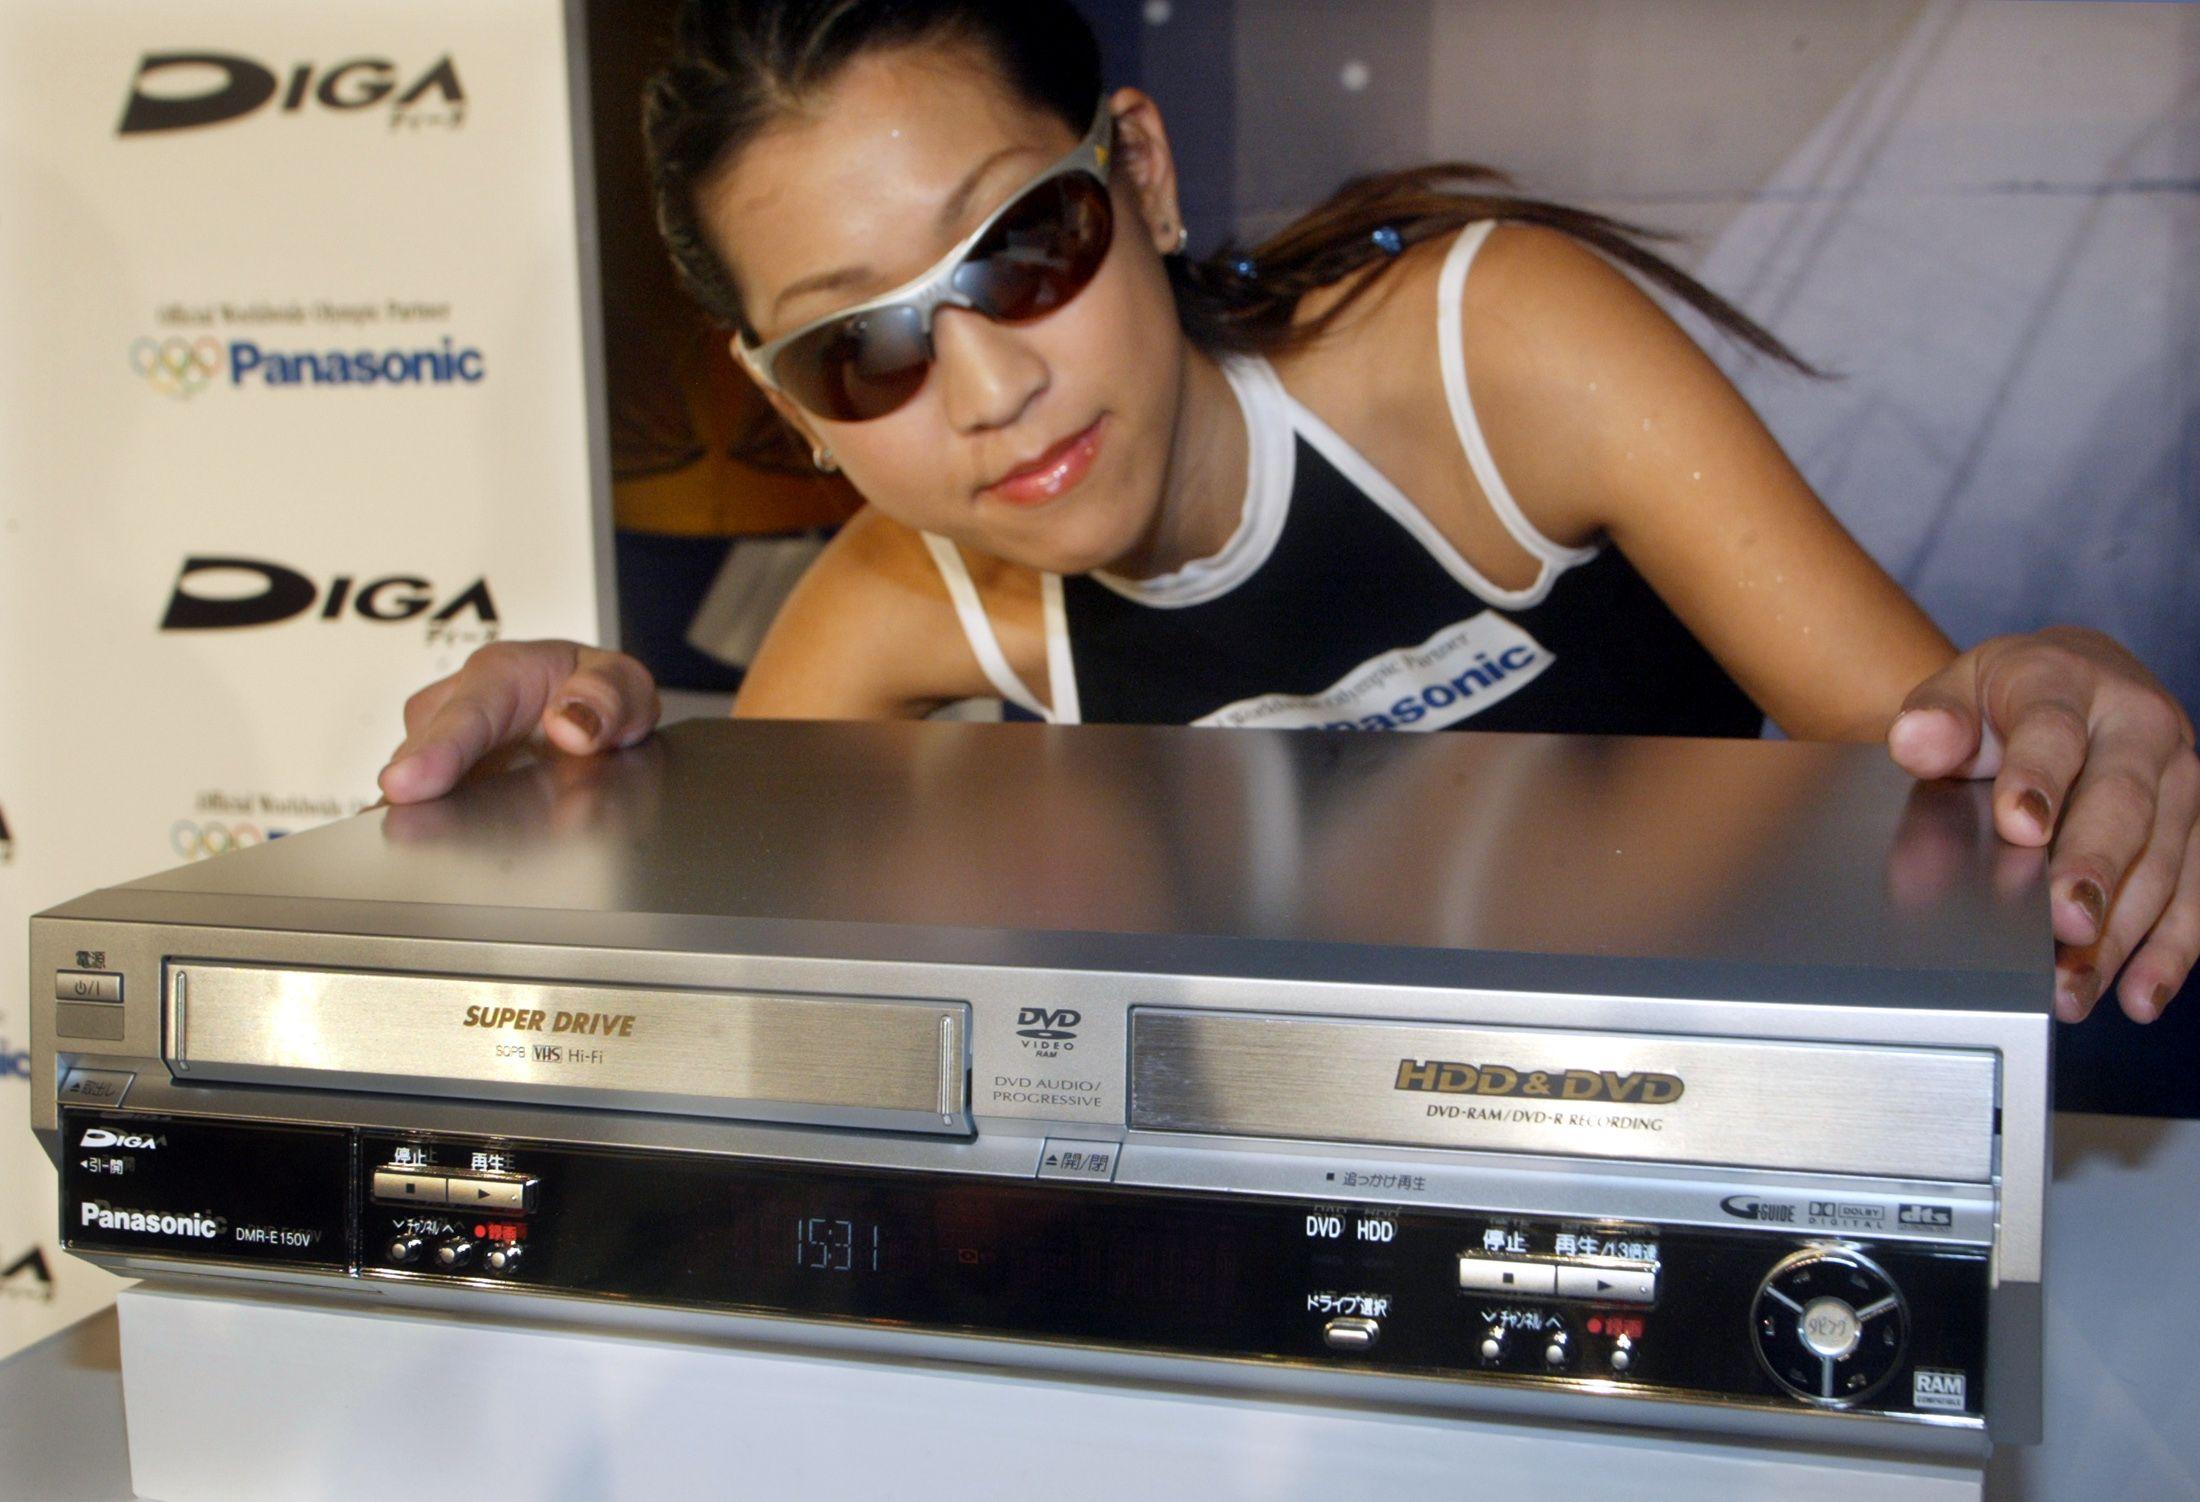 Matsushita, le fabricant des produits de la marque Panasonic, dévoile le premier graveur de DVD au monde avec enregistreur VHS, à Tokyo le 9 Mars 2004.